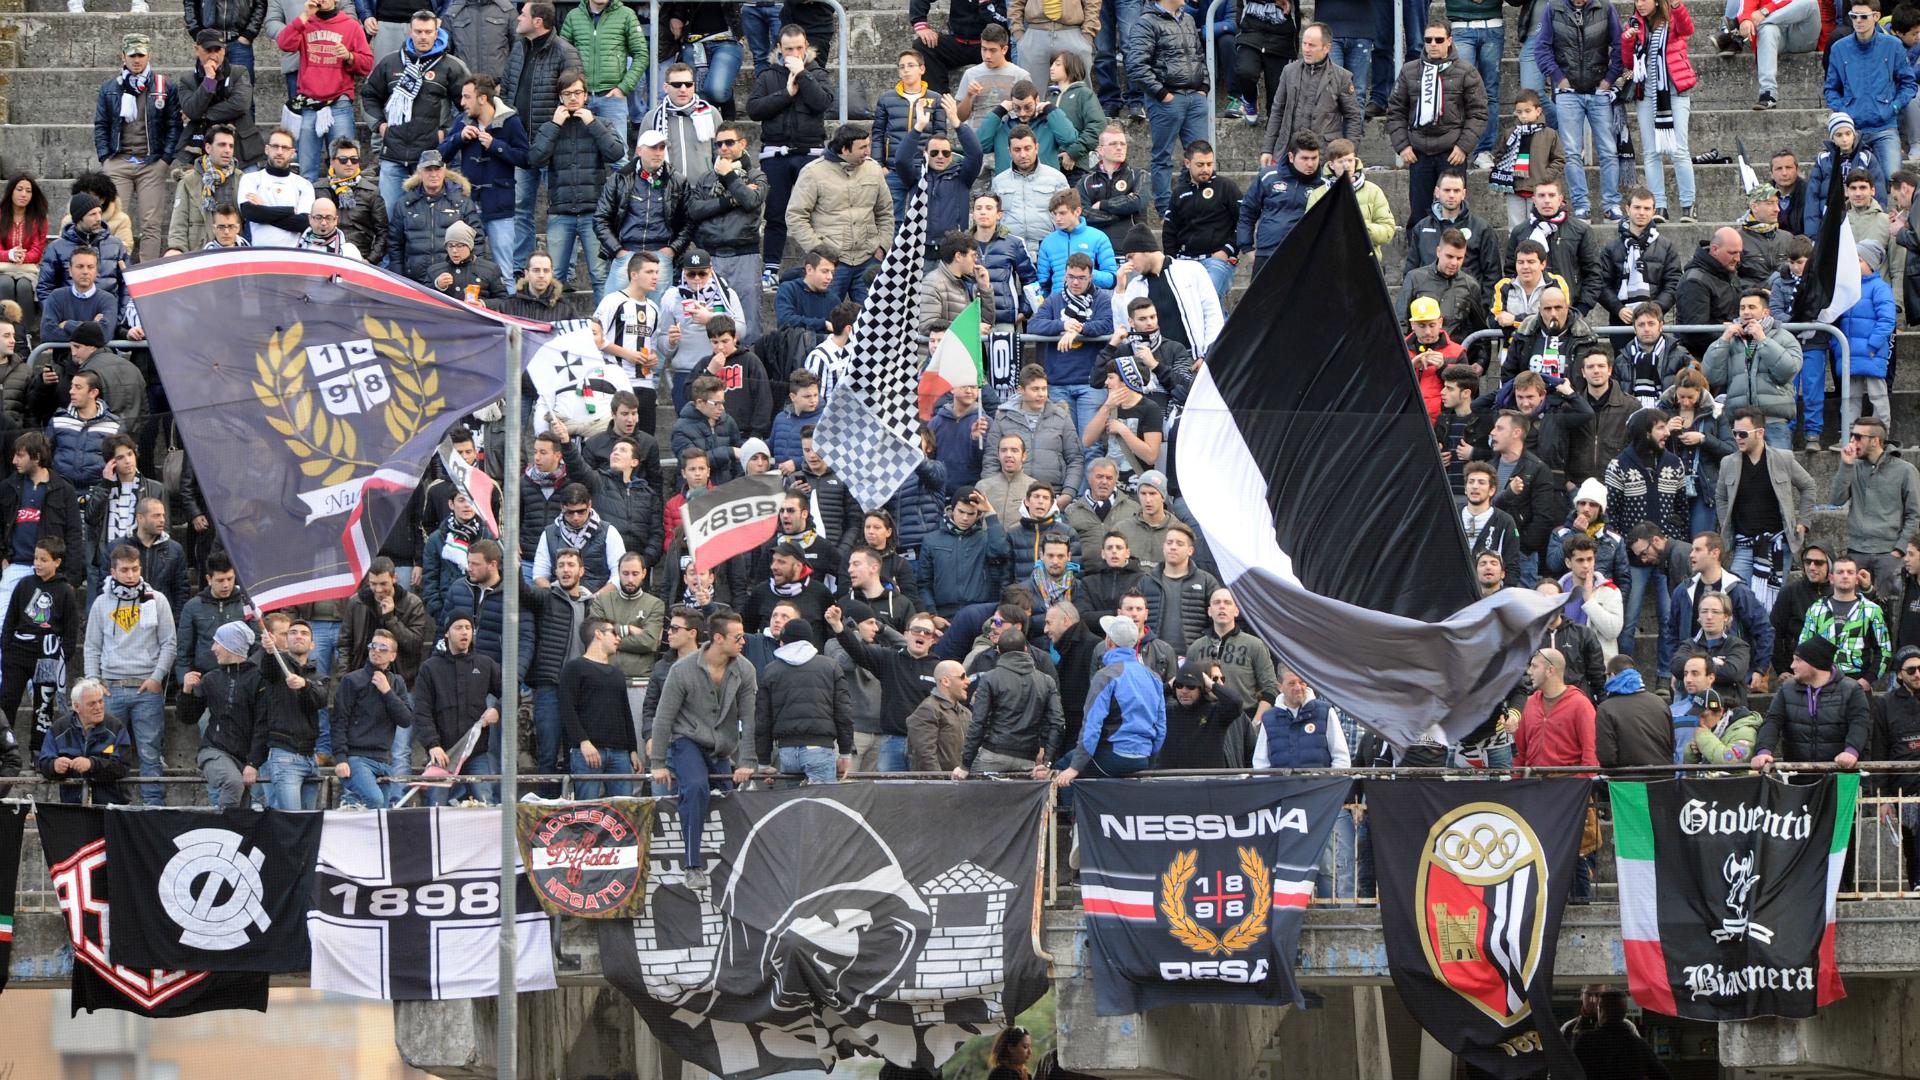 Gli Ultras dell'Ascoli disertano il minuto di silenzio per Anna Frank